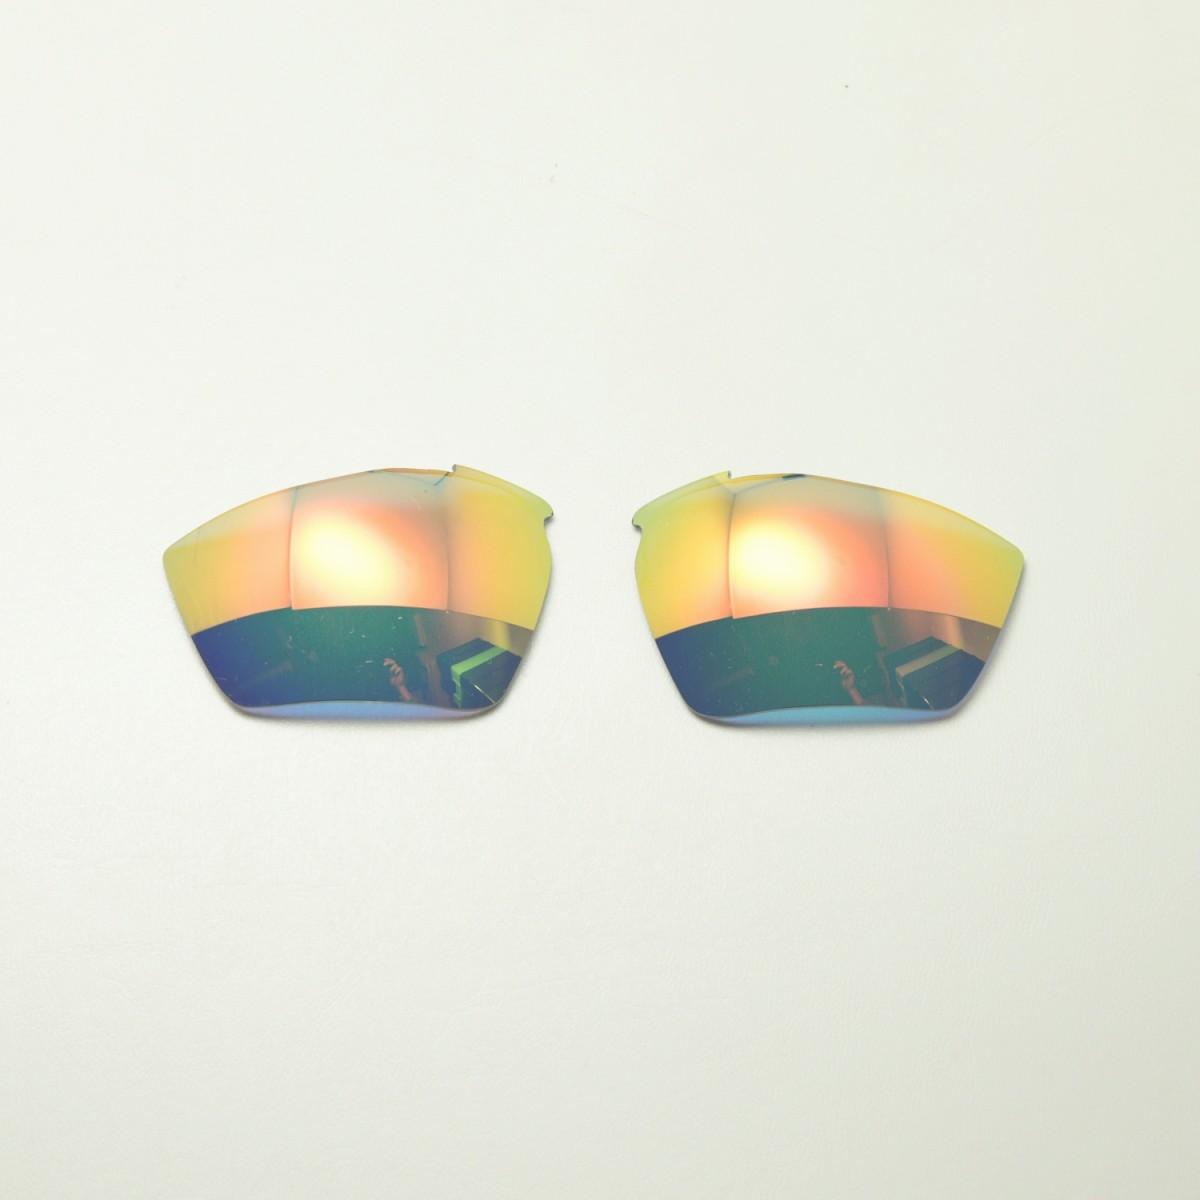 RUDY PROJECT ルディプロジェクトIMPULSE インパルス用 交換レンズNXT偏光調光グレー レッドミラー